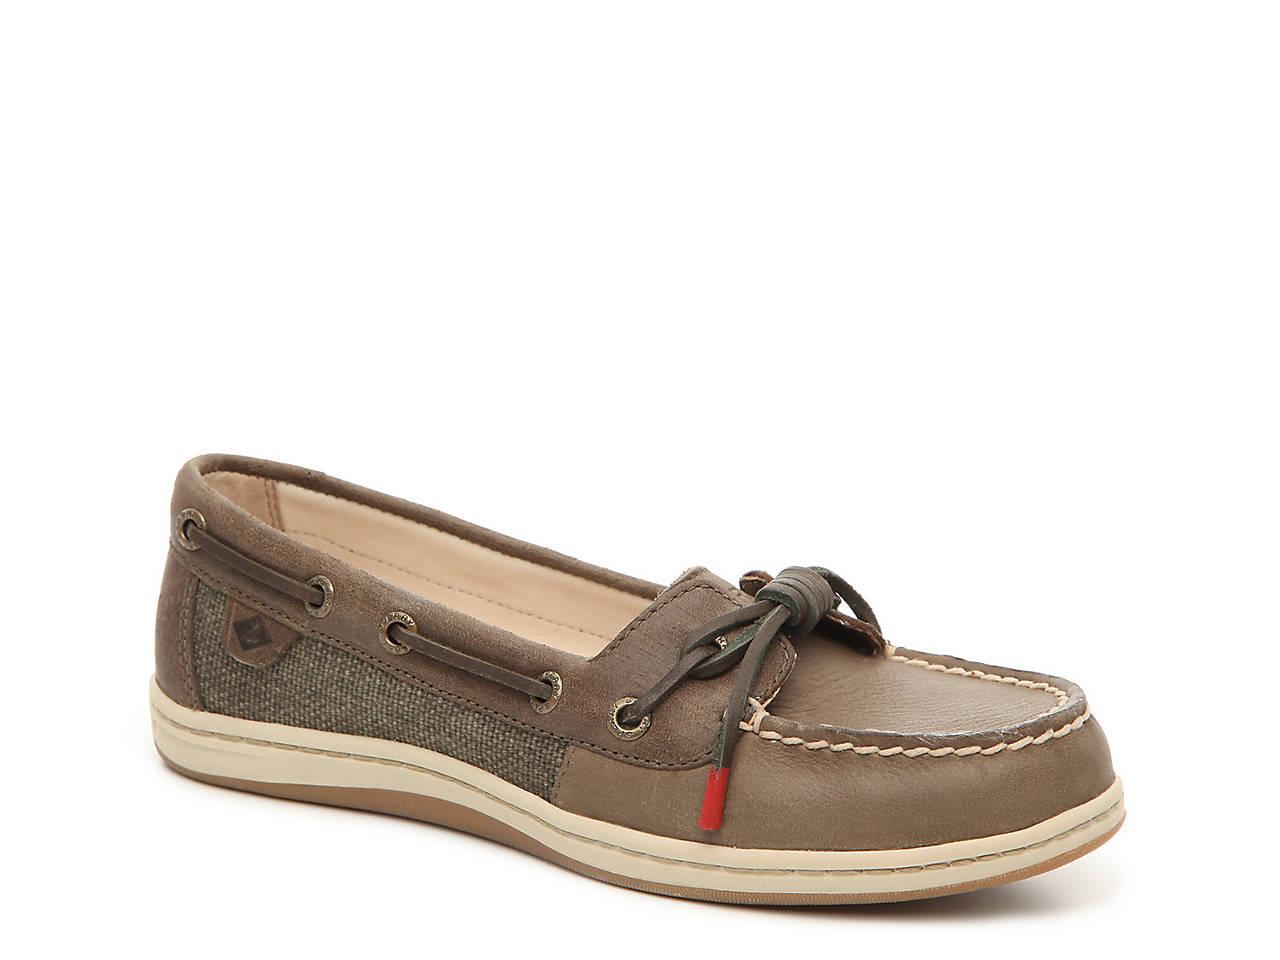 c35d9105a8f4b Barrelfish Leather Boat Shoe